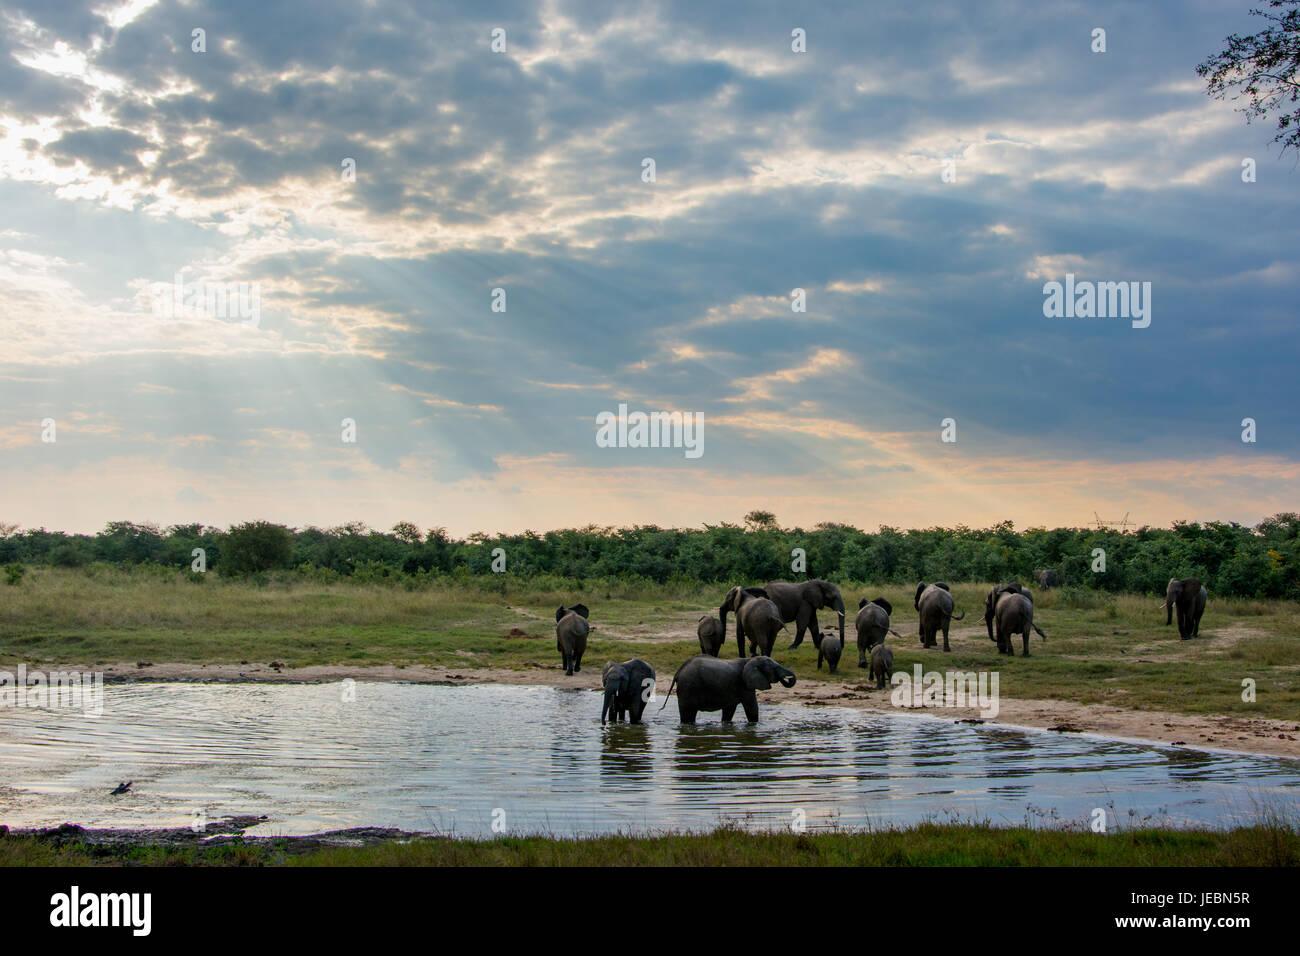 Elephants at a watering hole at dusk in Hwange National Park, Zimbabwe - Stock Image